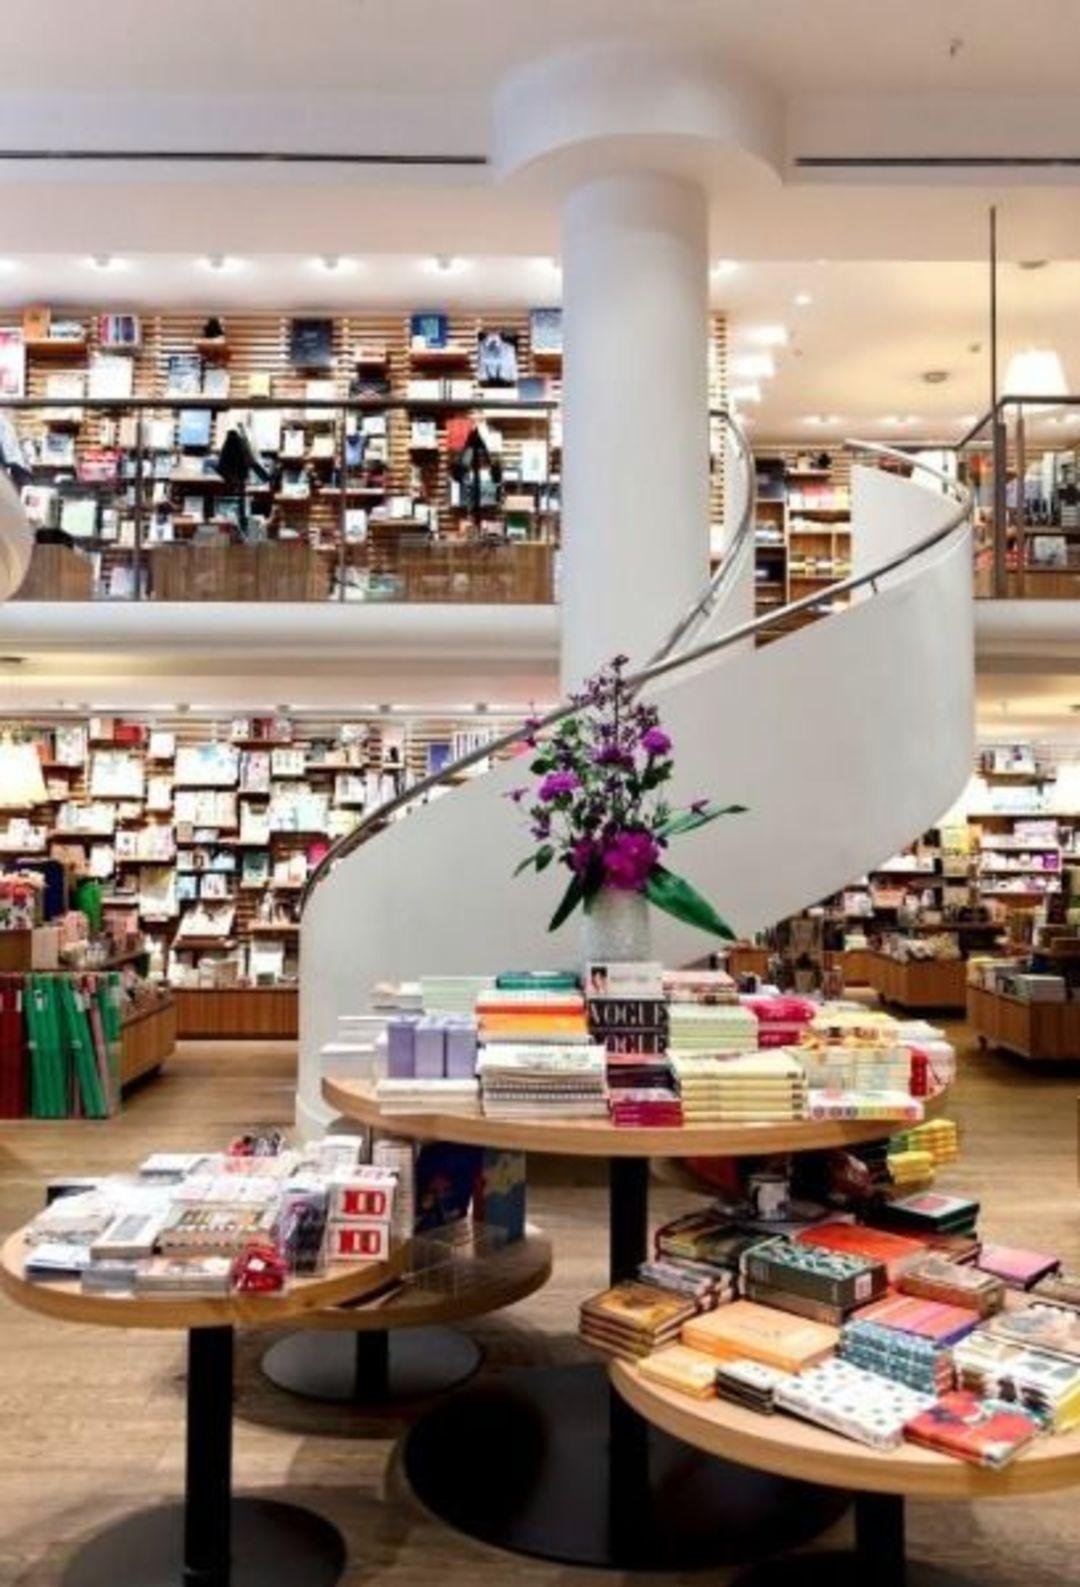 实体书店要赚钱,可以做的事情还有太多,不信你看这家_商业_好奇心日报